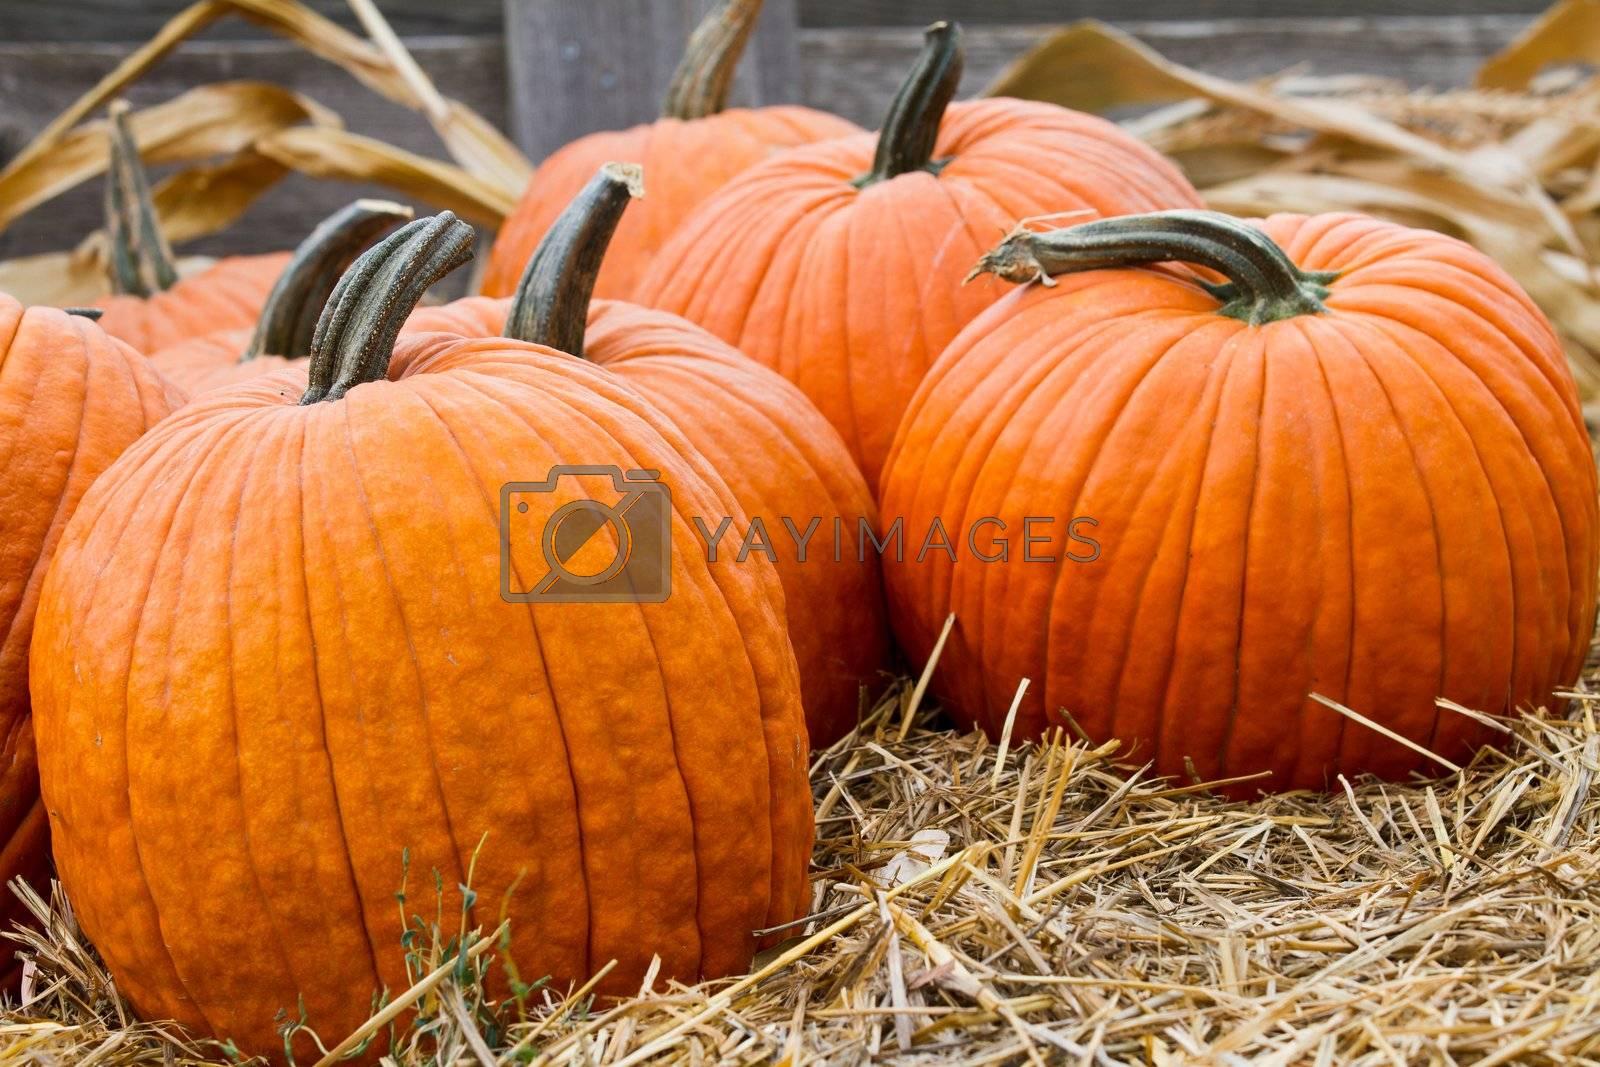 Orange uncarved pumpkins sitting on a bed of hay